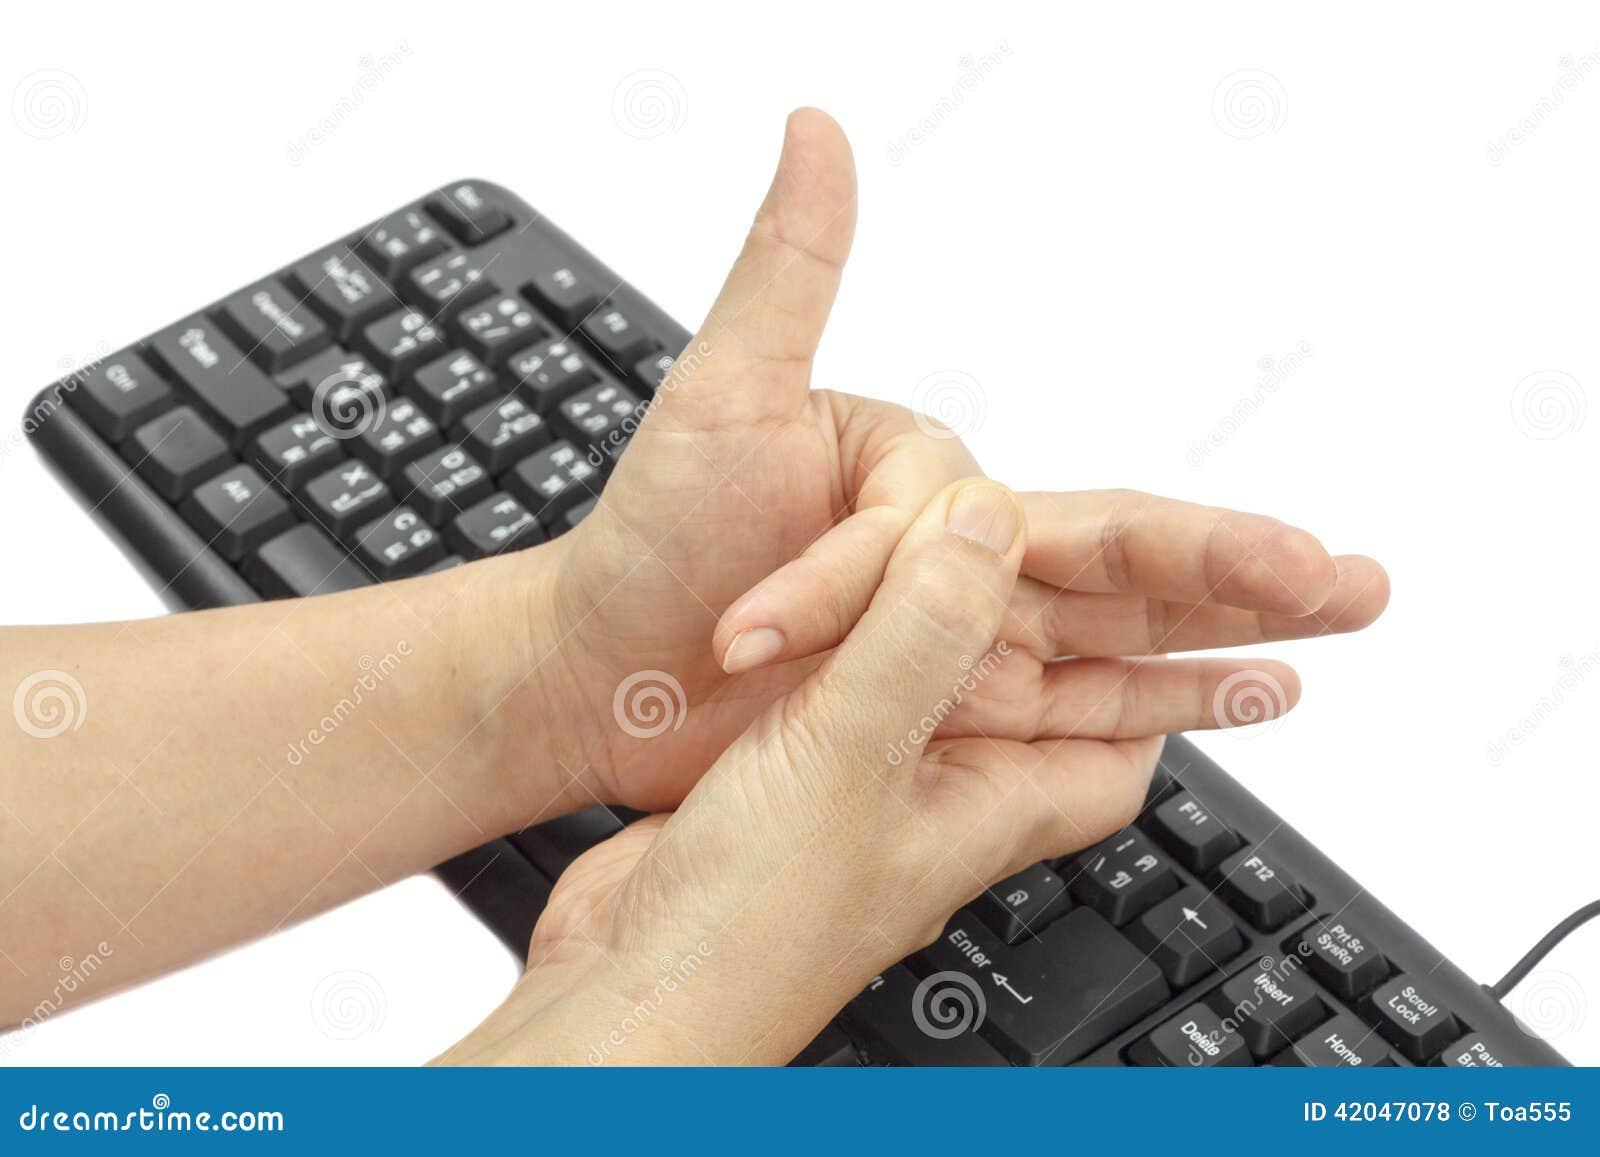 Finger doloroso debido al uso prolongado del teclado